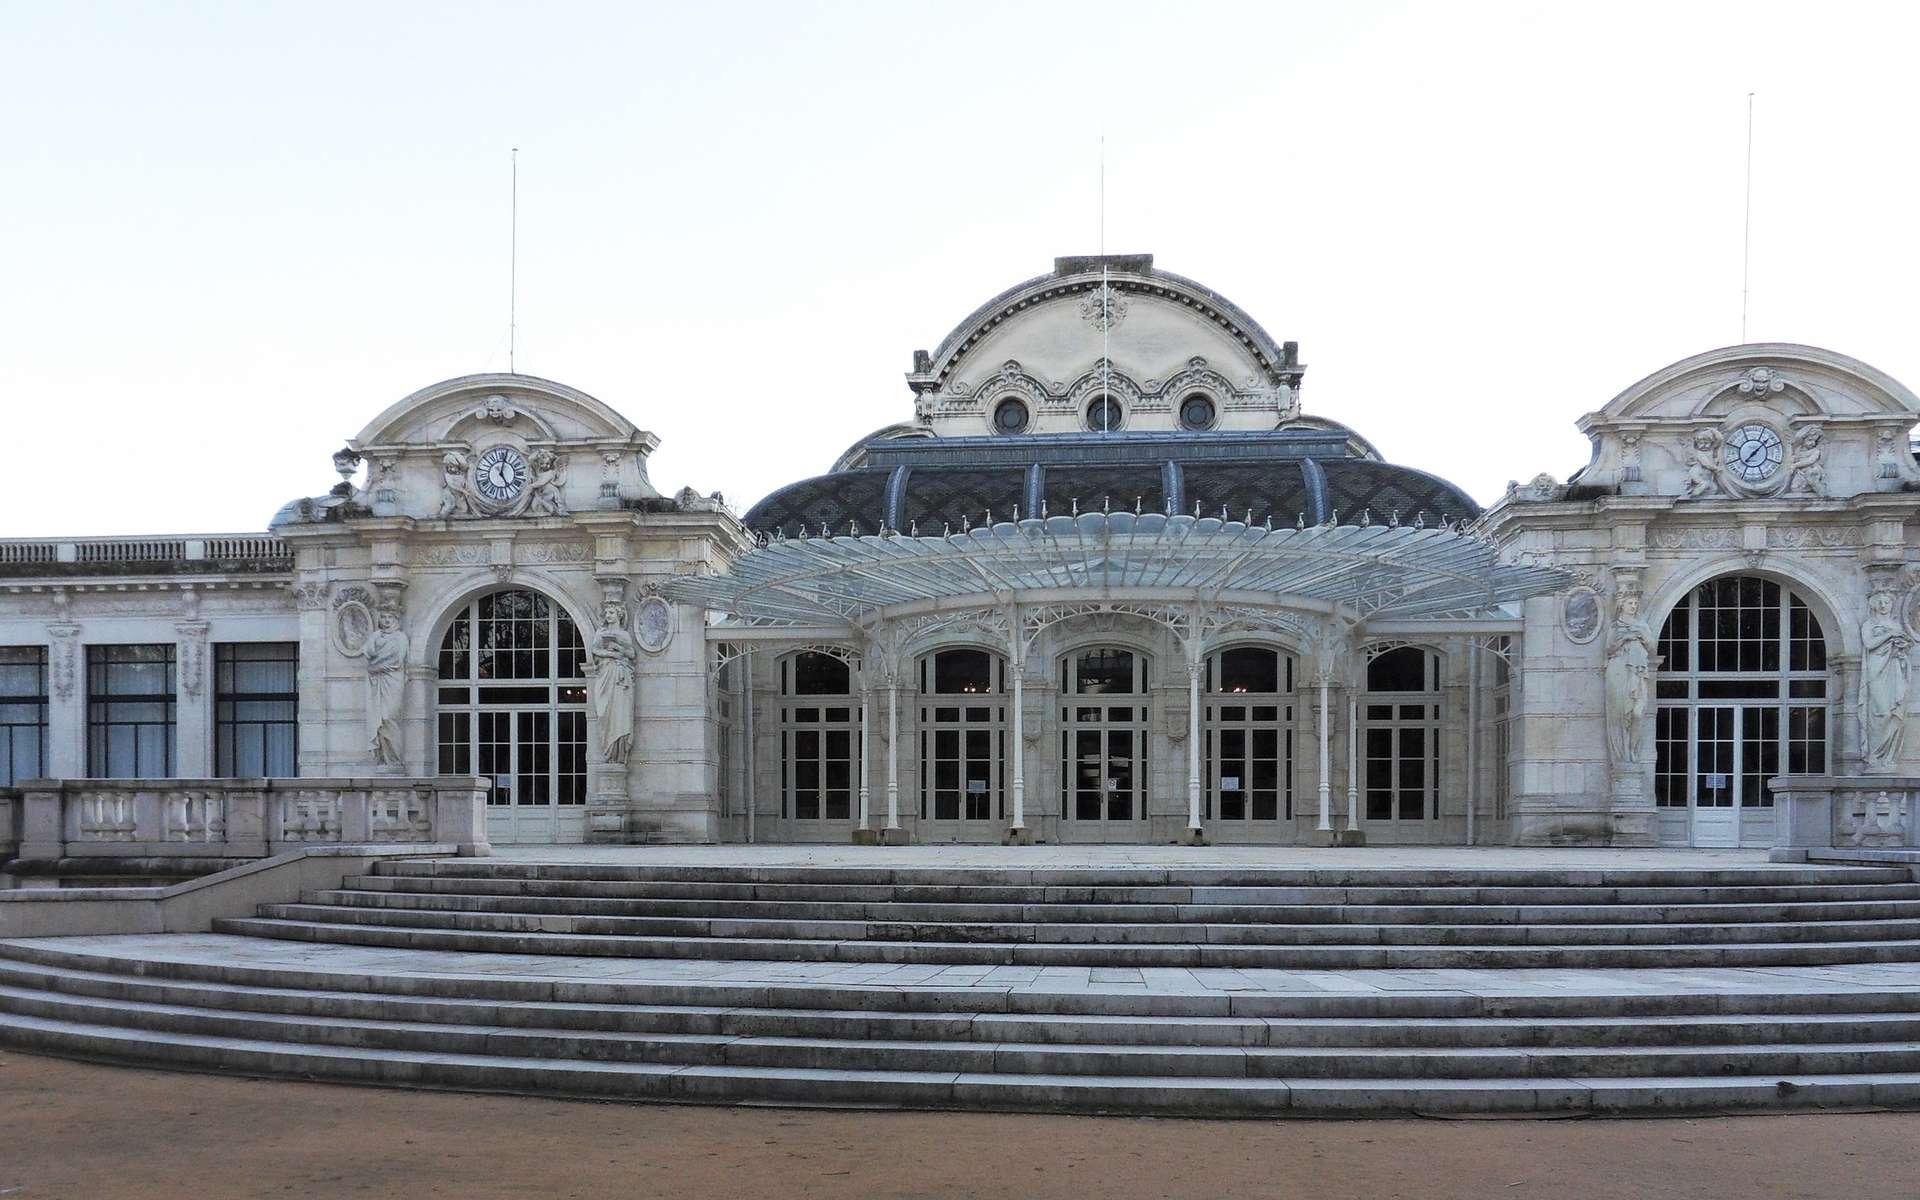 C'est dans ce bâtiment que siégeait le gouvernement de Vichy entre 1940 et 1944. © Wikimedia Commons, CC by-sa 3.0